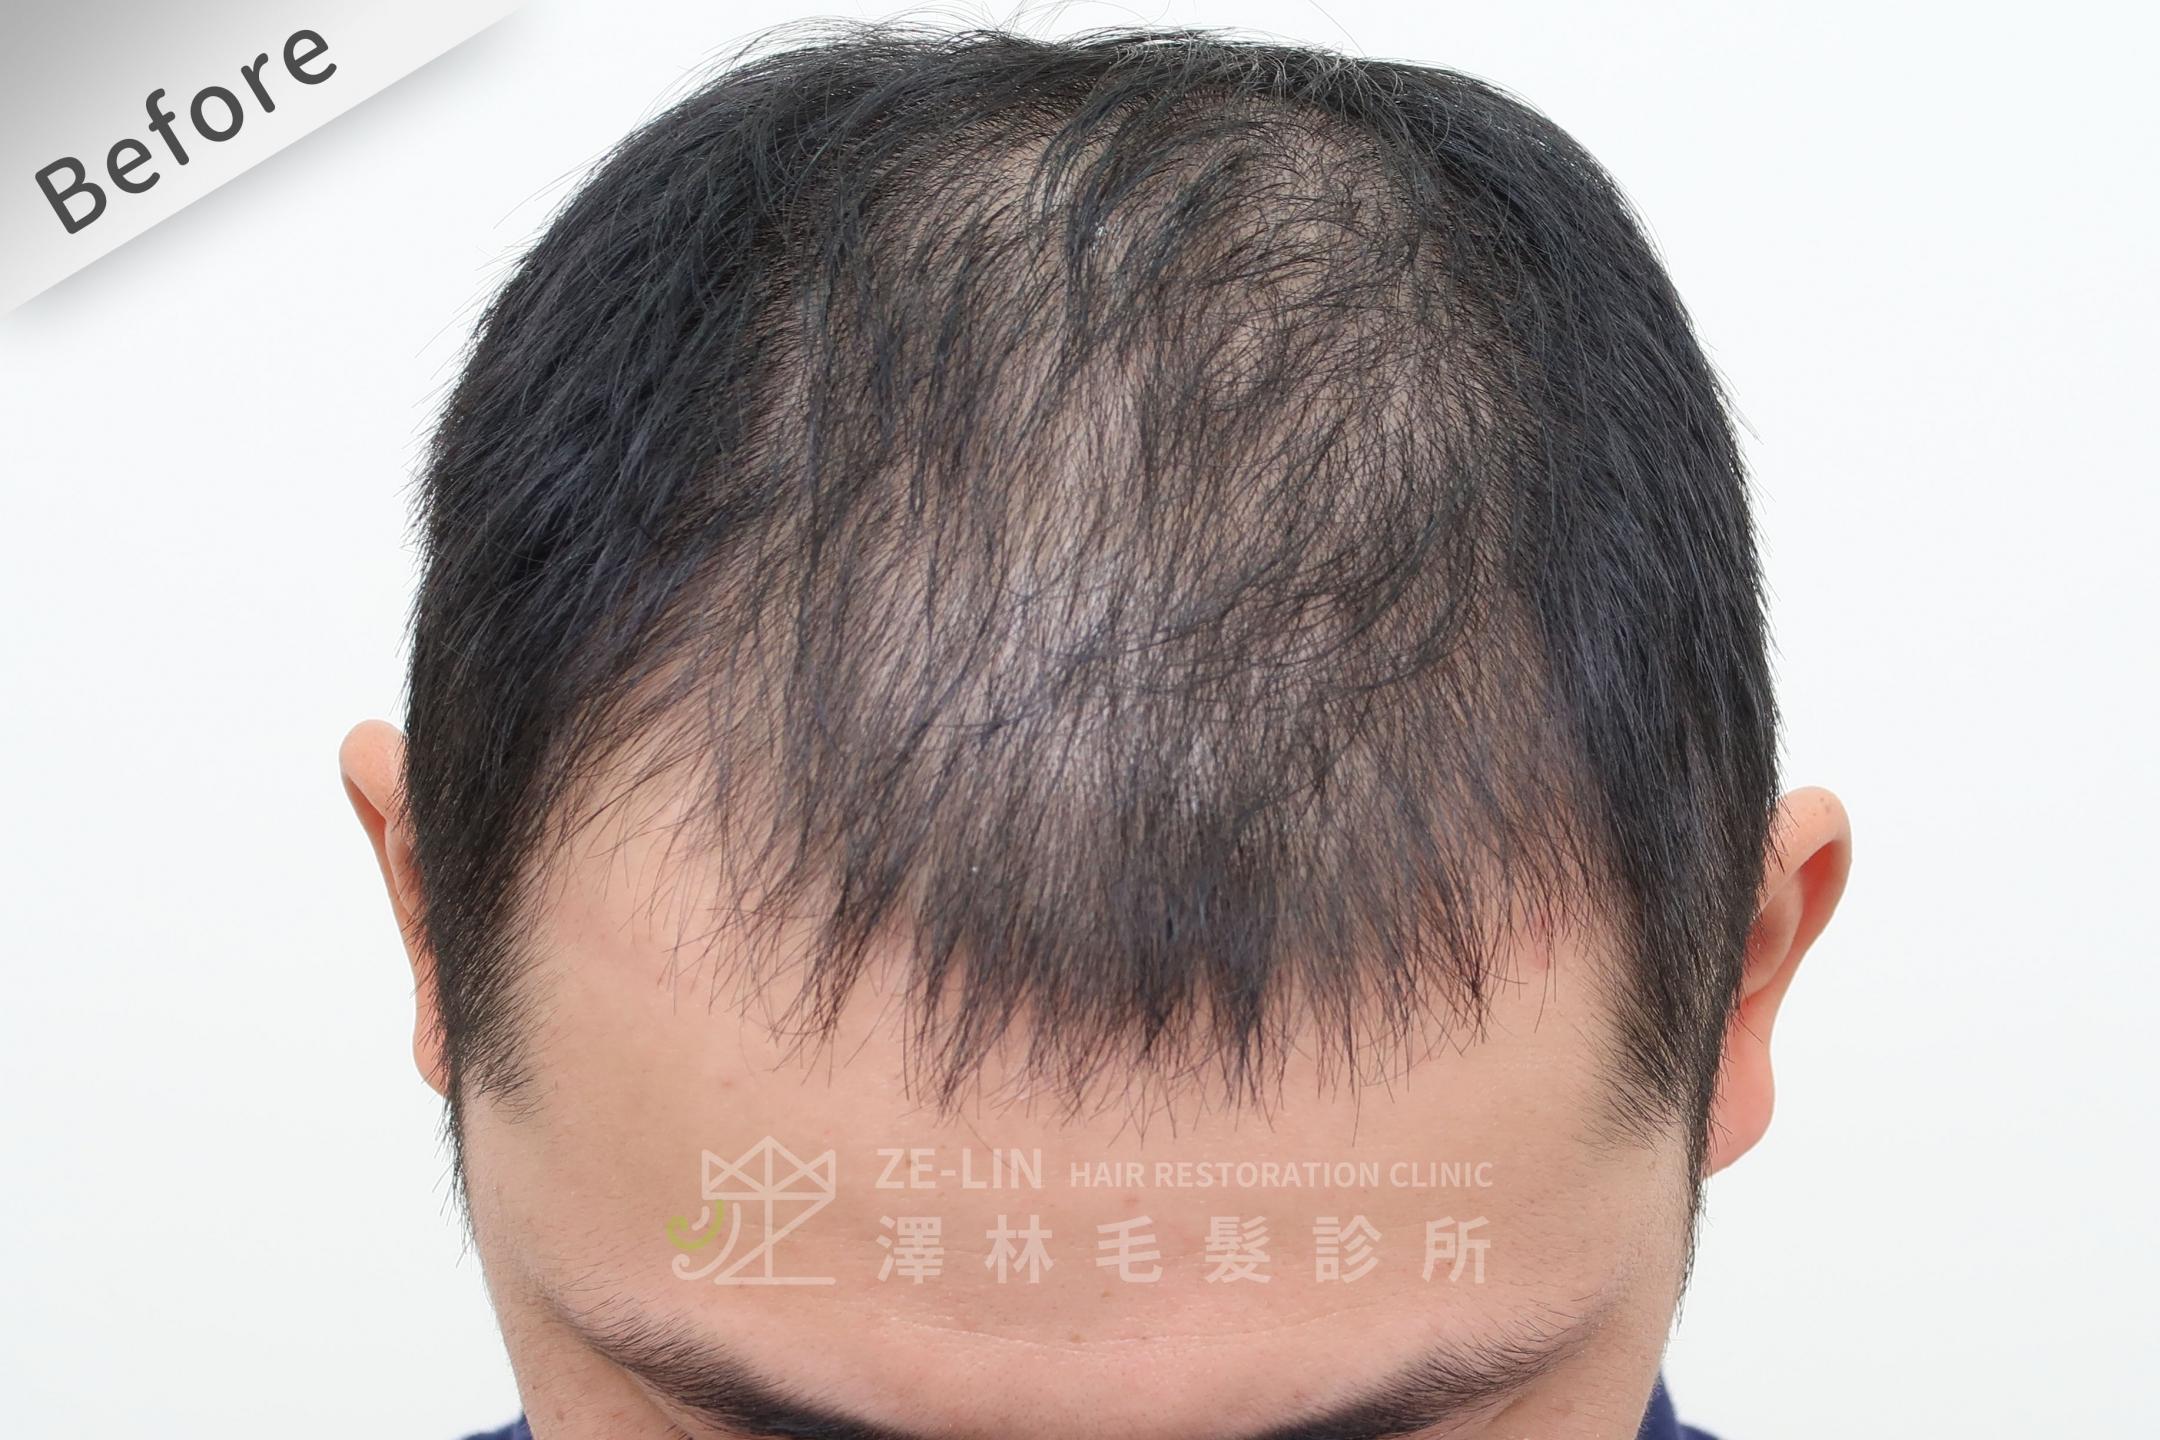 巨量植髮心得:術前頭頂